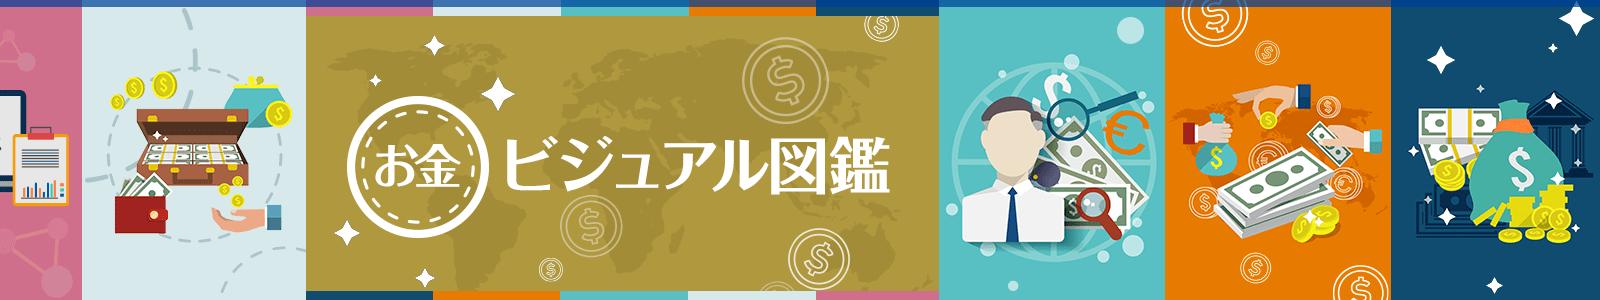 お金ビジュアル図鑑